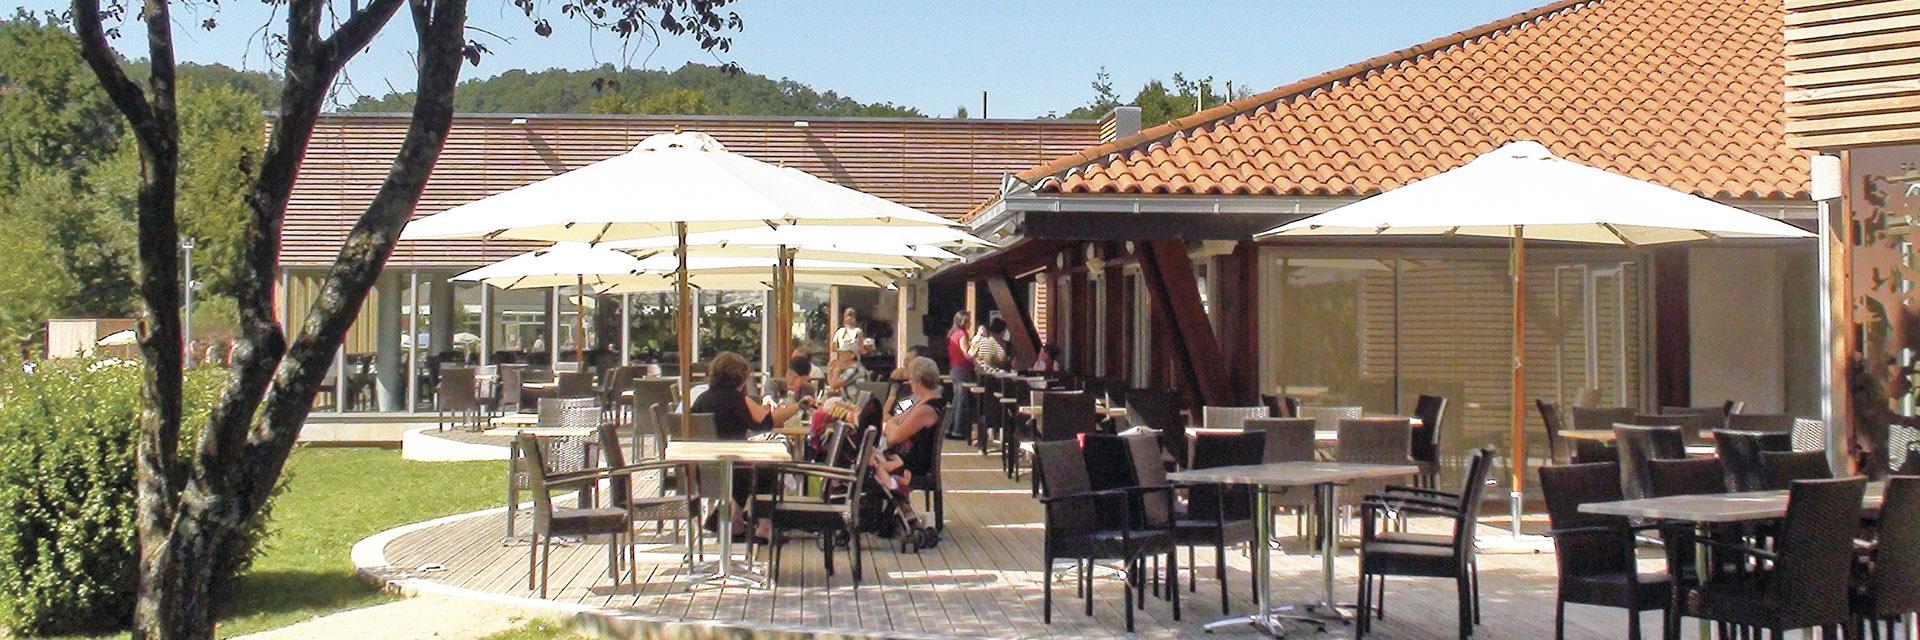 village-vacance-domaine-du-surgie-terrasse